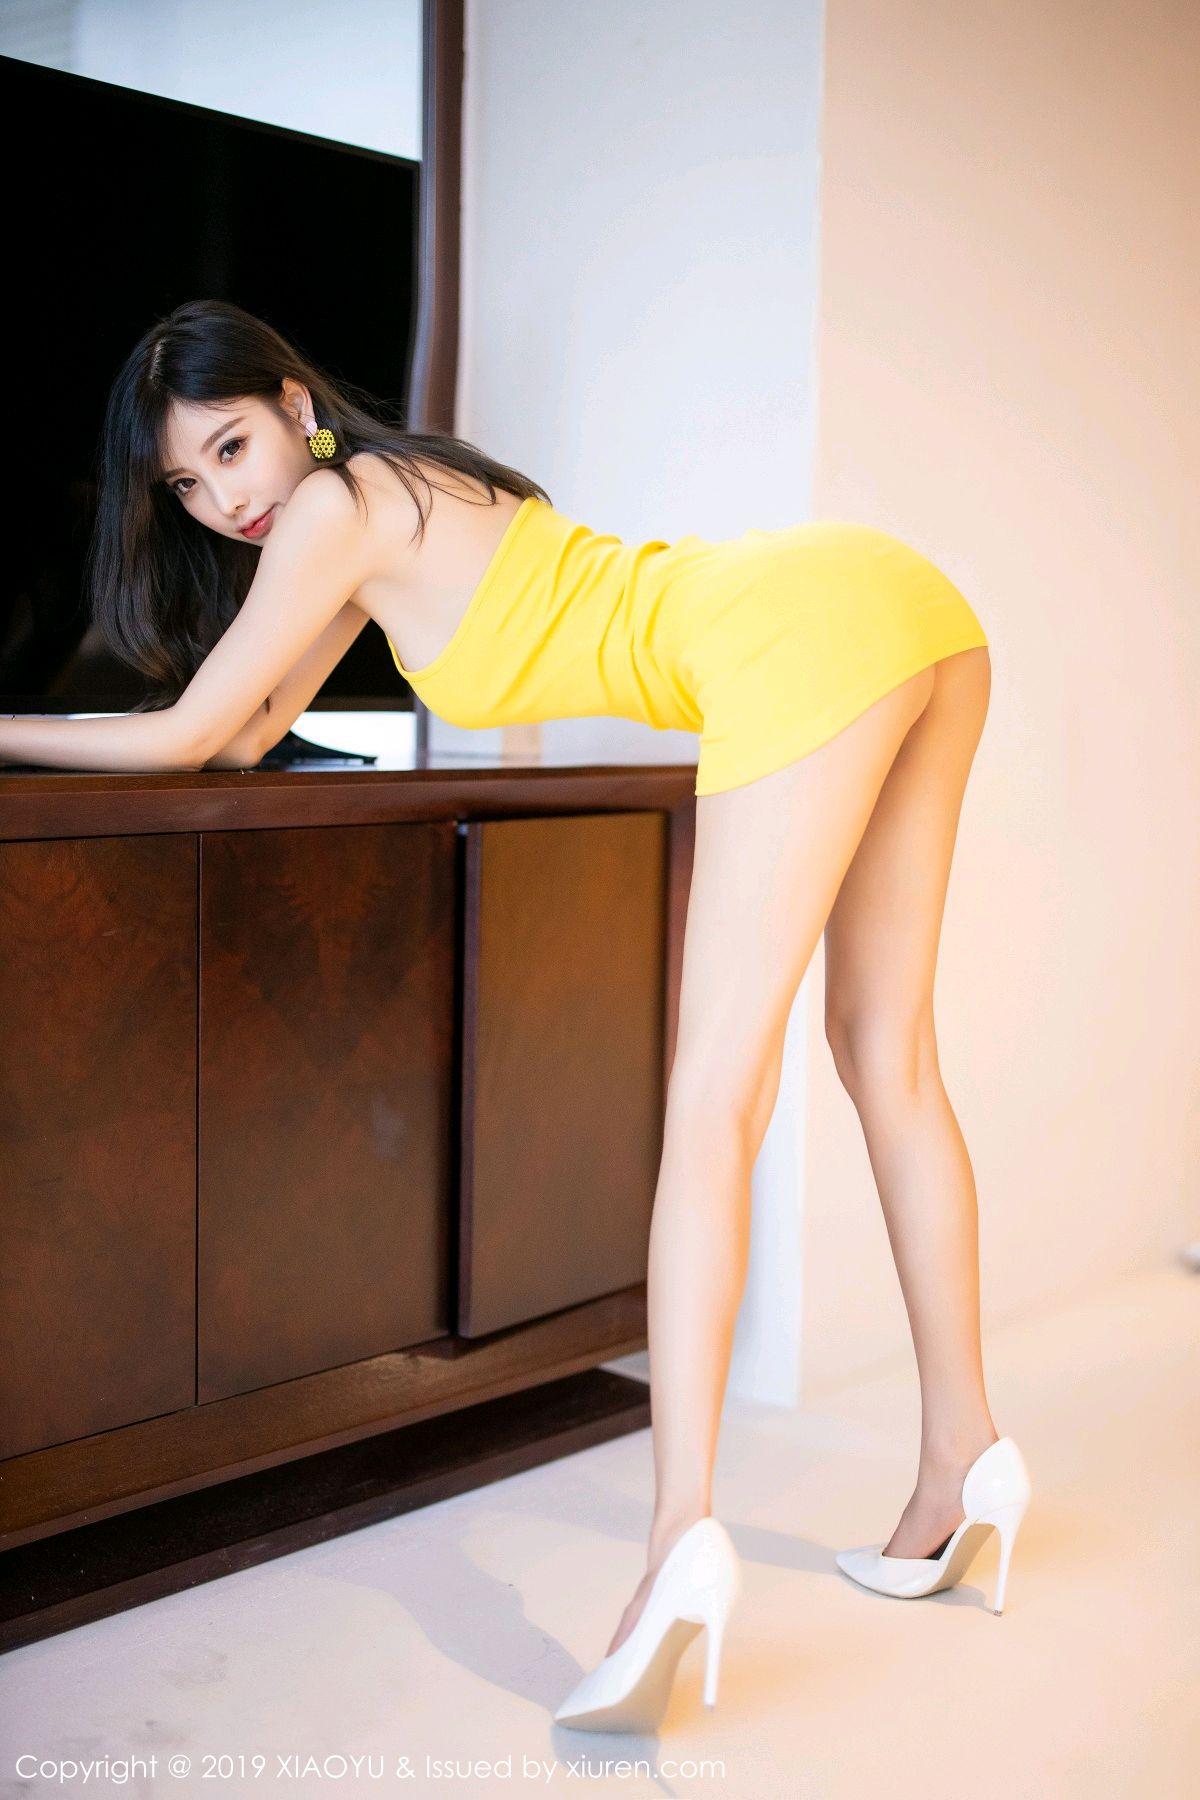 [XiaoYu] VOL.204 Yang Chen Chen 24P, Pure, XiaoYu, Yang Chen Chen